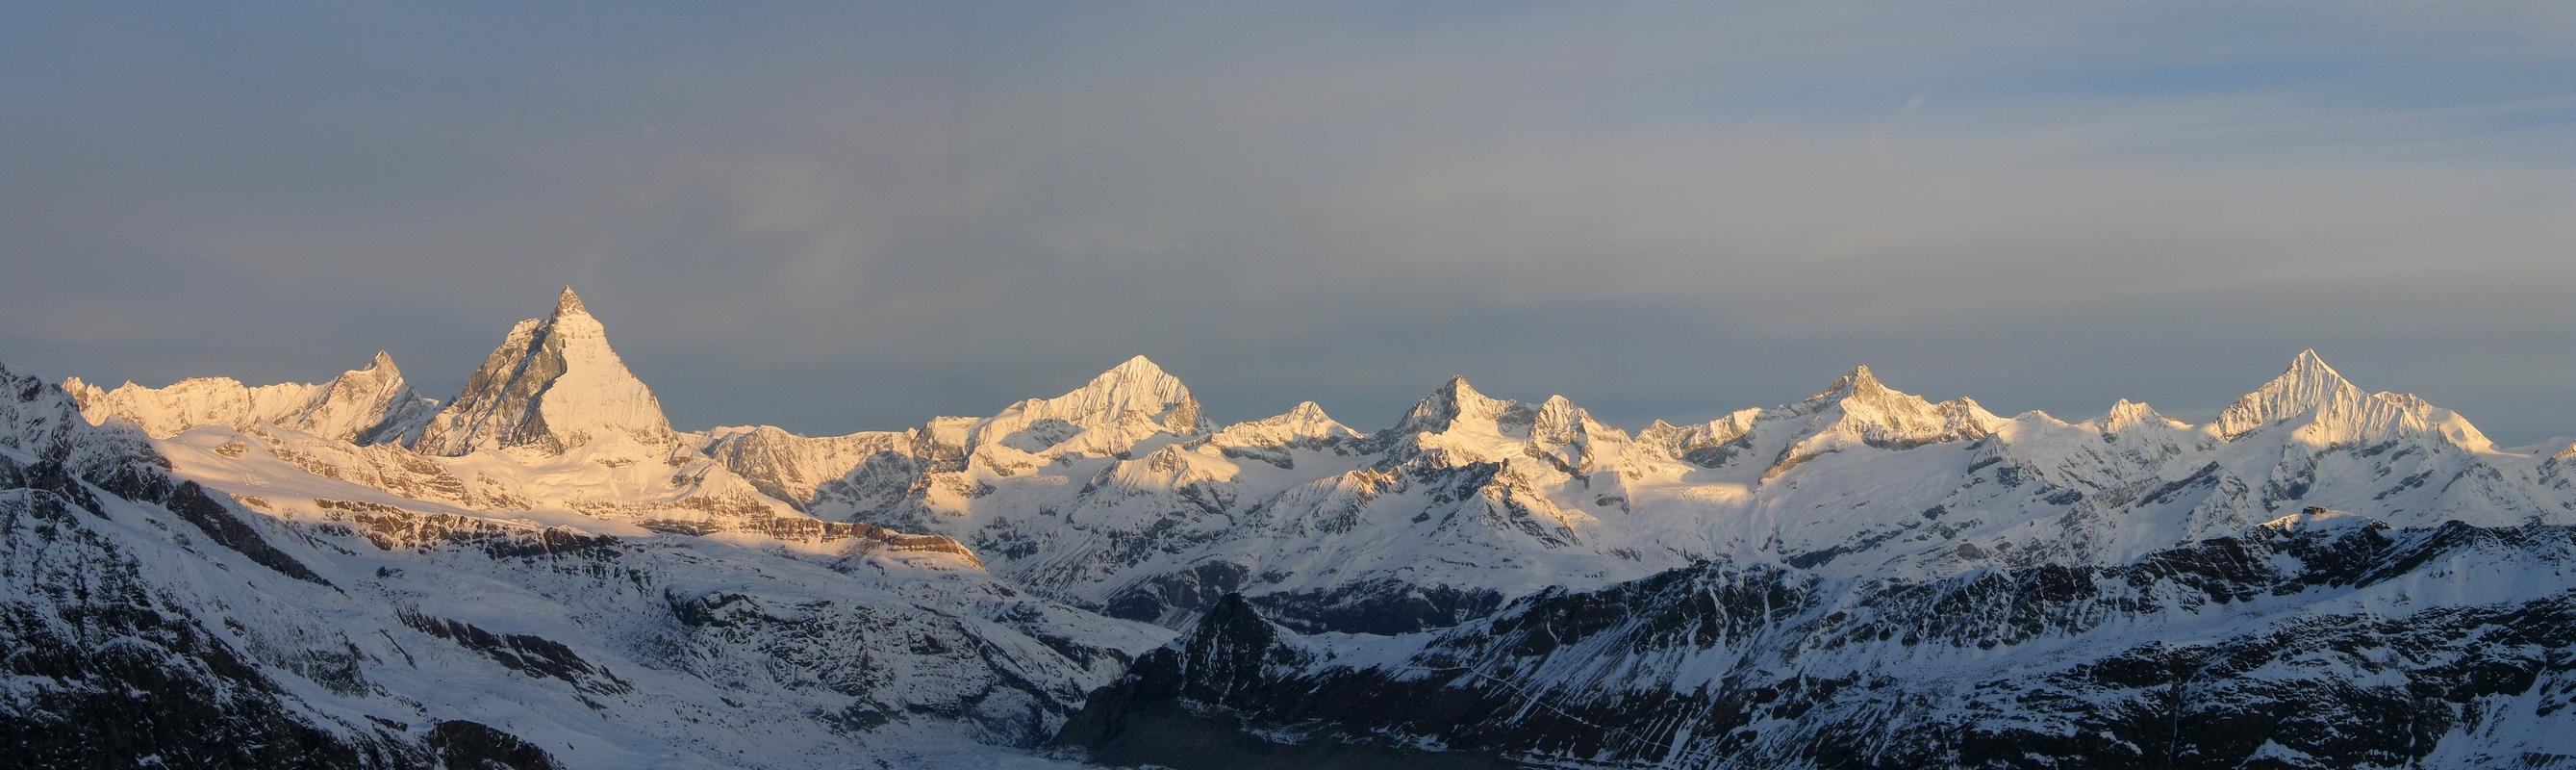 Monte Rosa Hütte Walliser Alpen / Alpes valaisannes Switzerland panorama 30